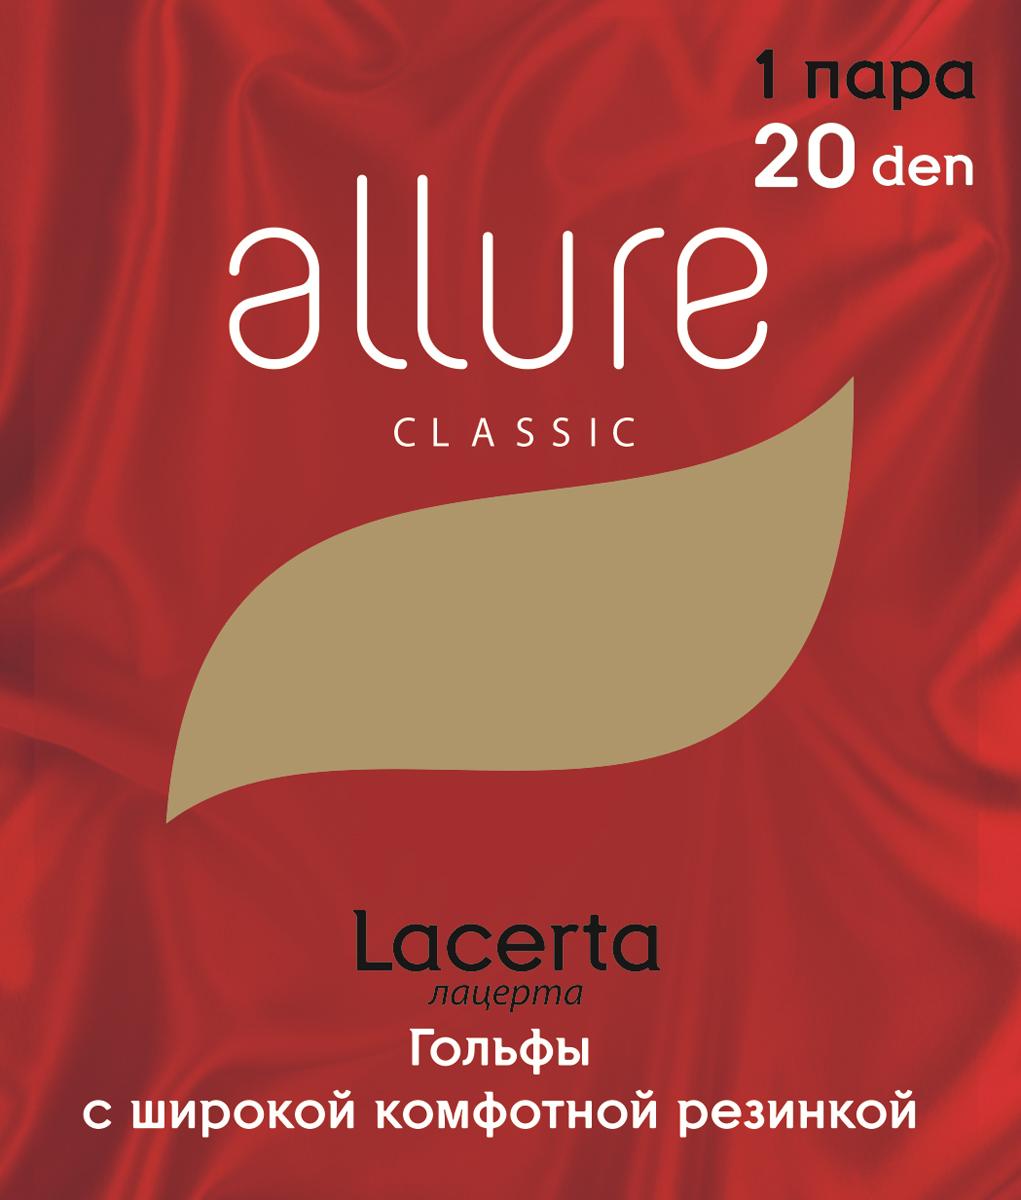 Гольфы Allure Lacerta 20, цвет:  Caramello (бежевый).  Размер универсальный Allure